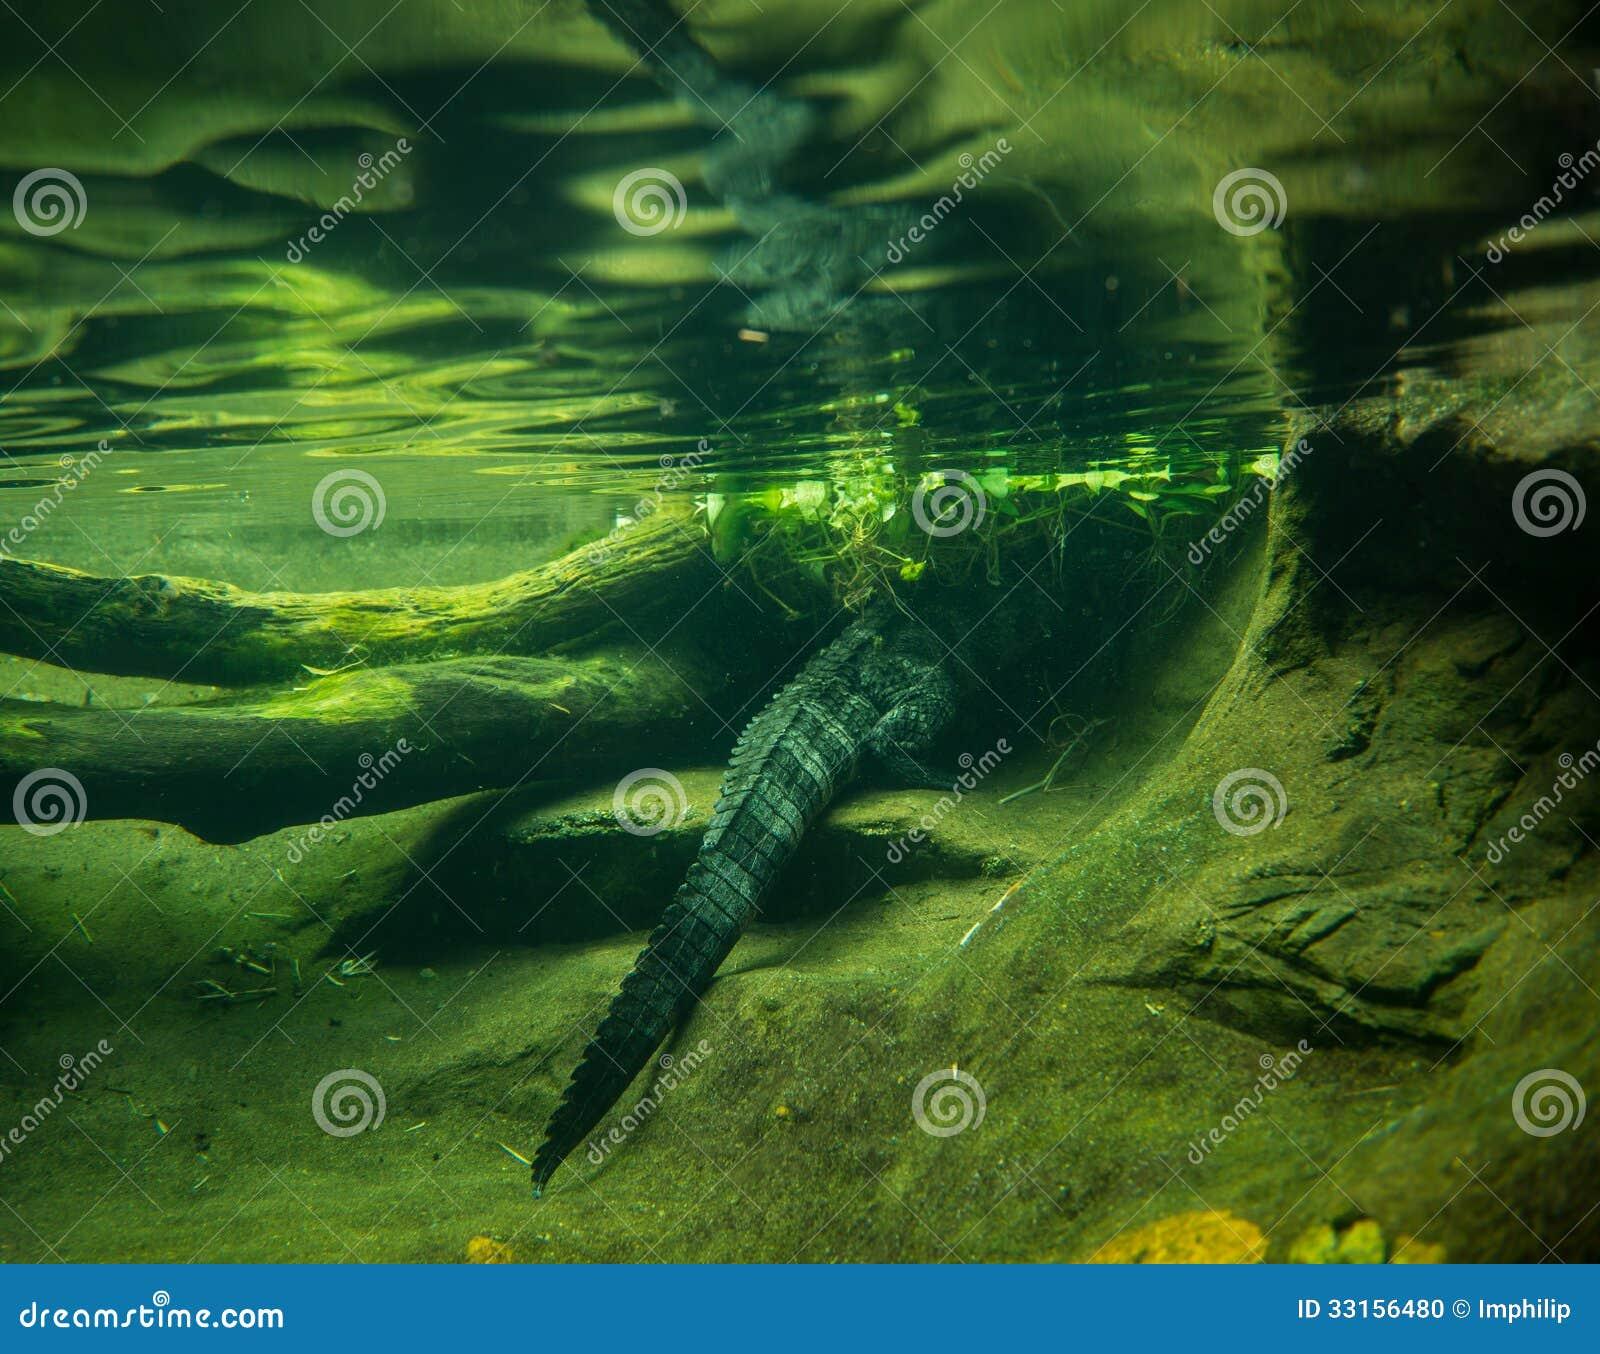 鳄鱼掩藏在水下.图片